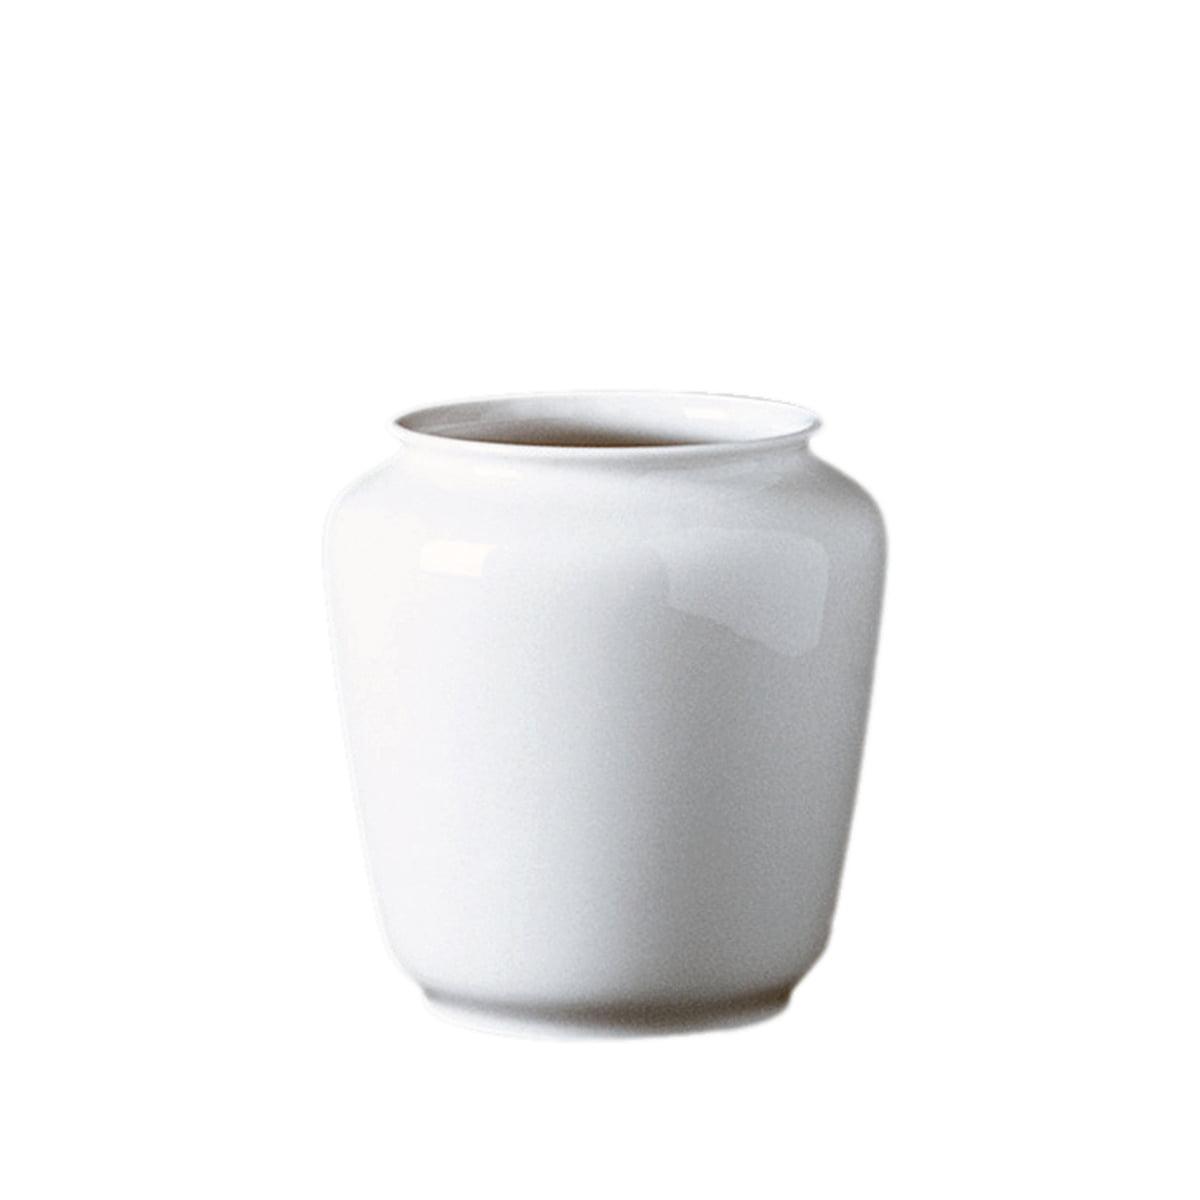 Wagenfeld Vase 639 - 14 cm, weiß